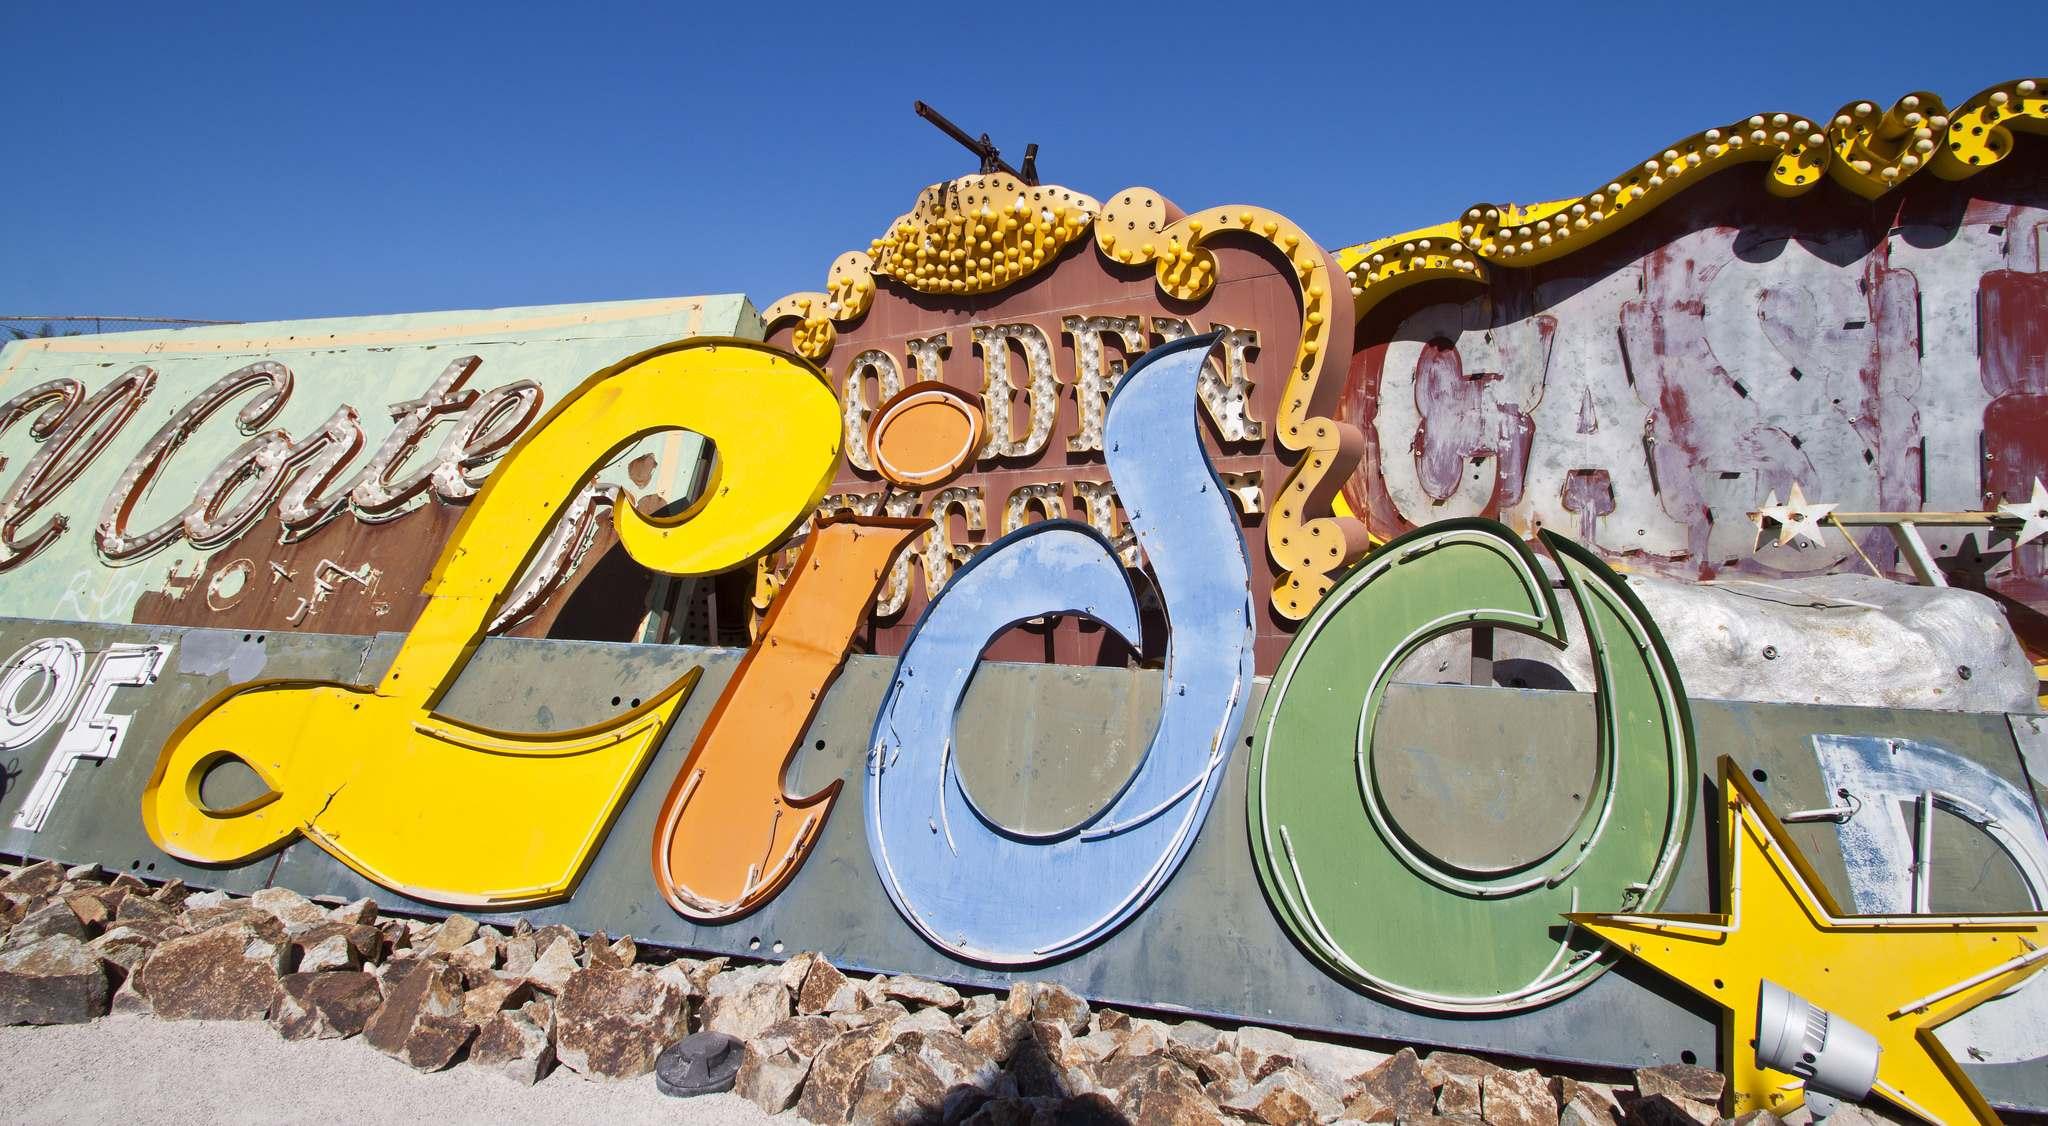 neon boneyard12 Las Vegas Neon Boneyard